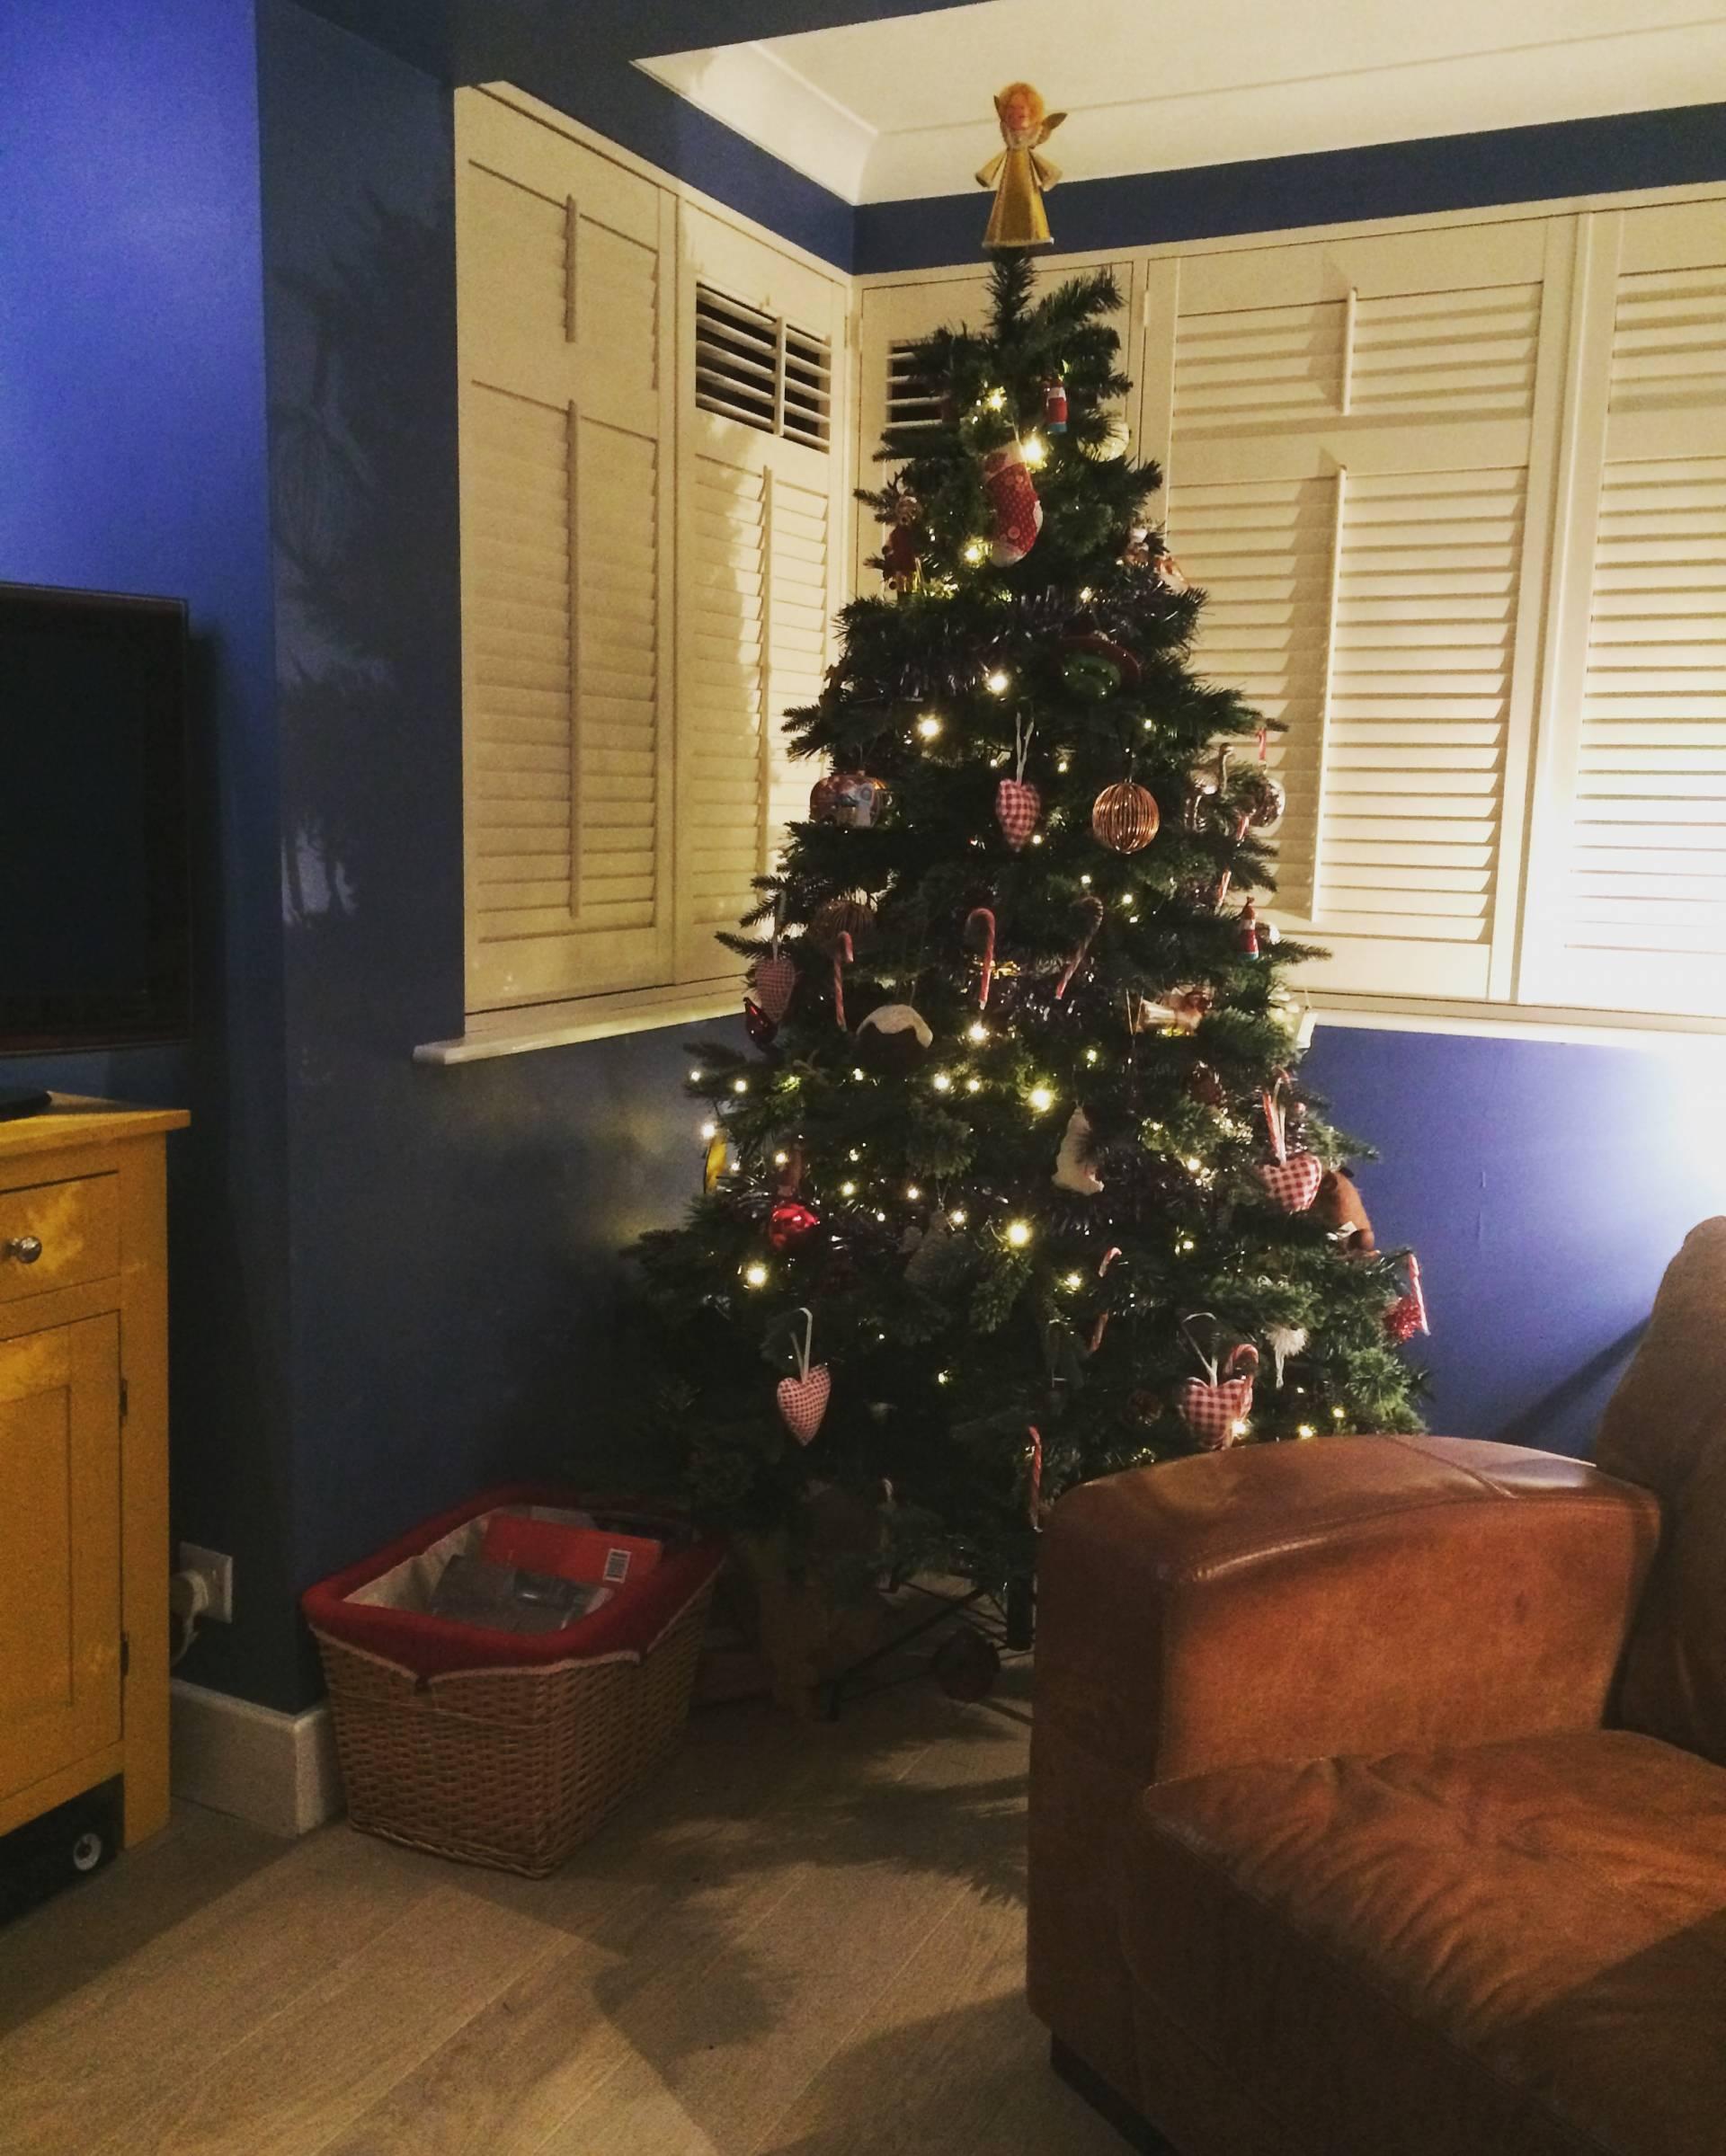 Our Christmas Home 2016